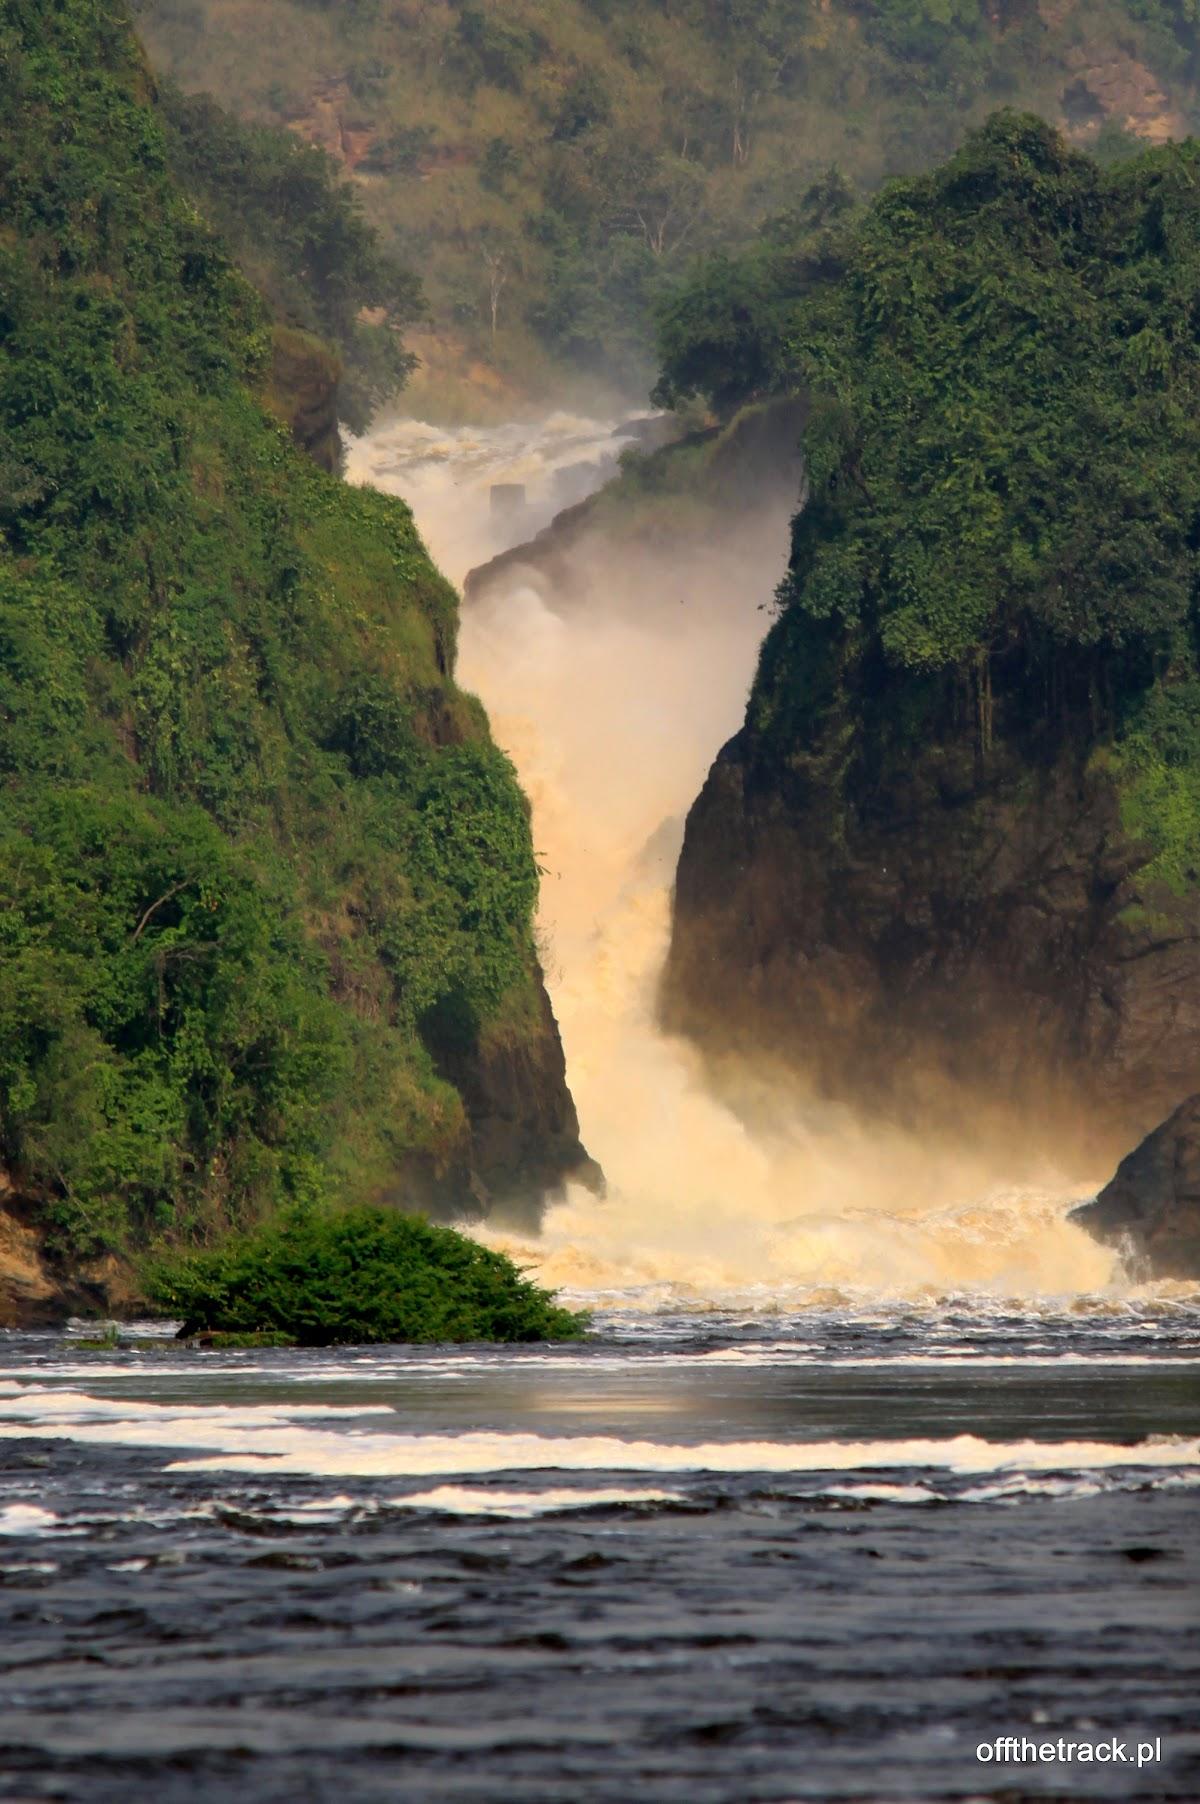 Wodospad Murchisona w całej okazałości, park narodowy Murchison Falls, Uganda